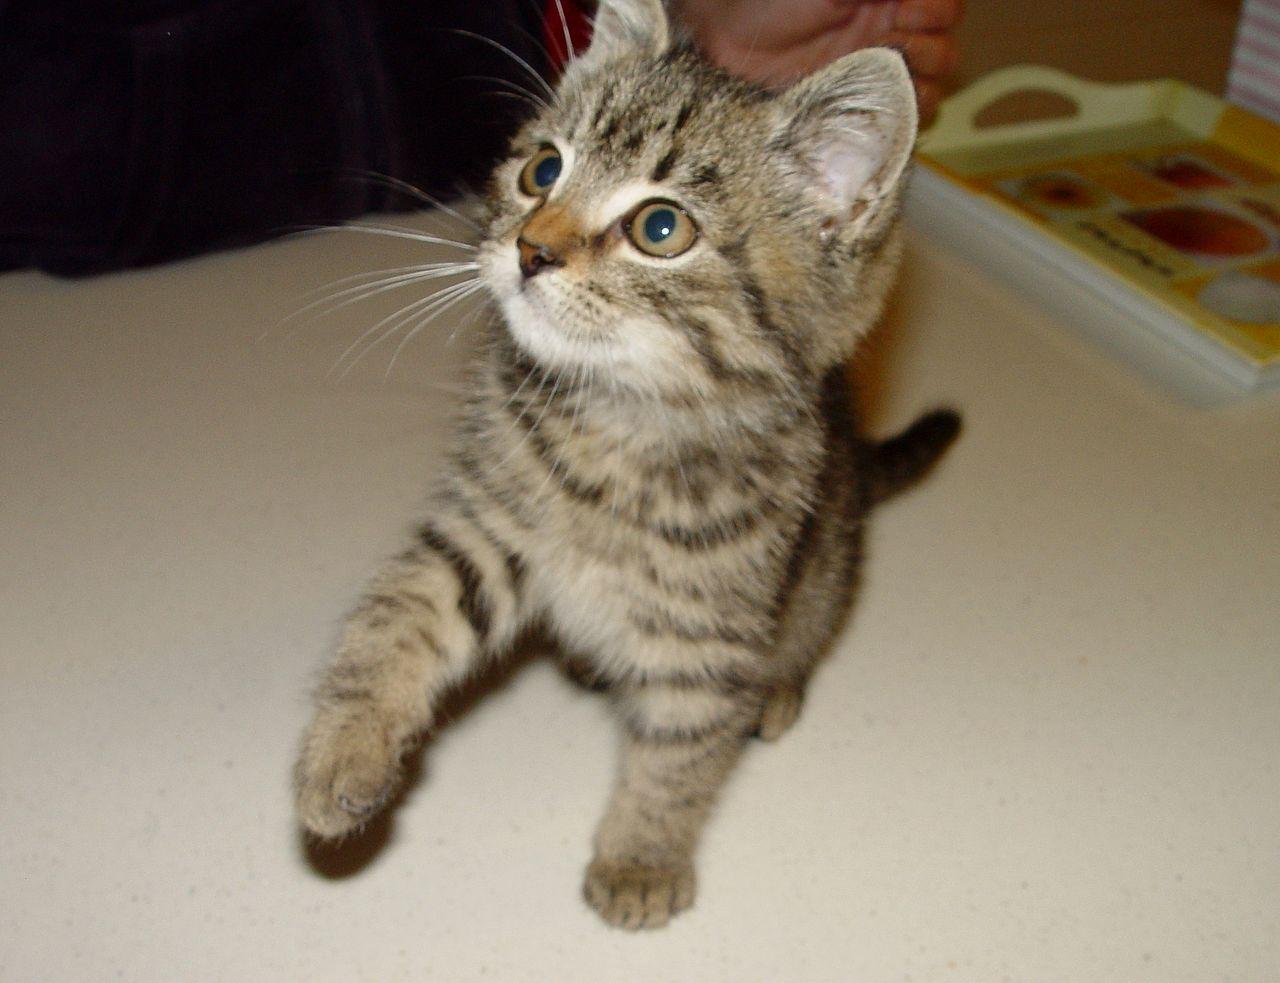 Cseppek kiválasztása a macskaférgek számára, Hogyan lehet megszabadulni a macskaférgektől